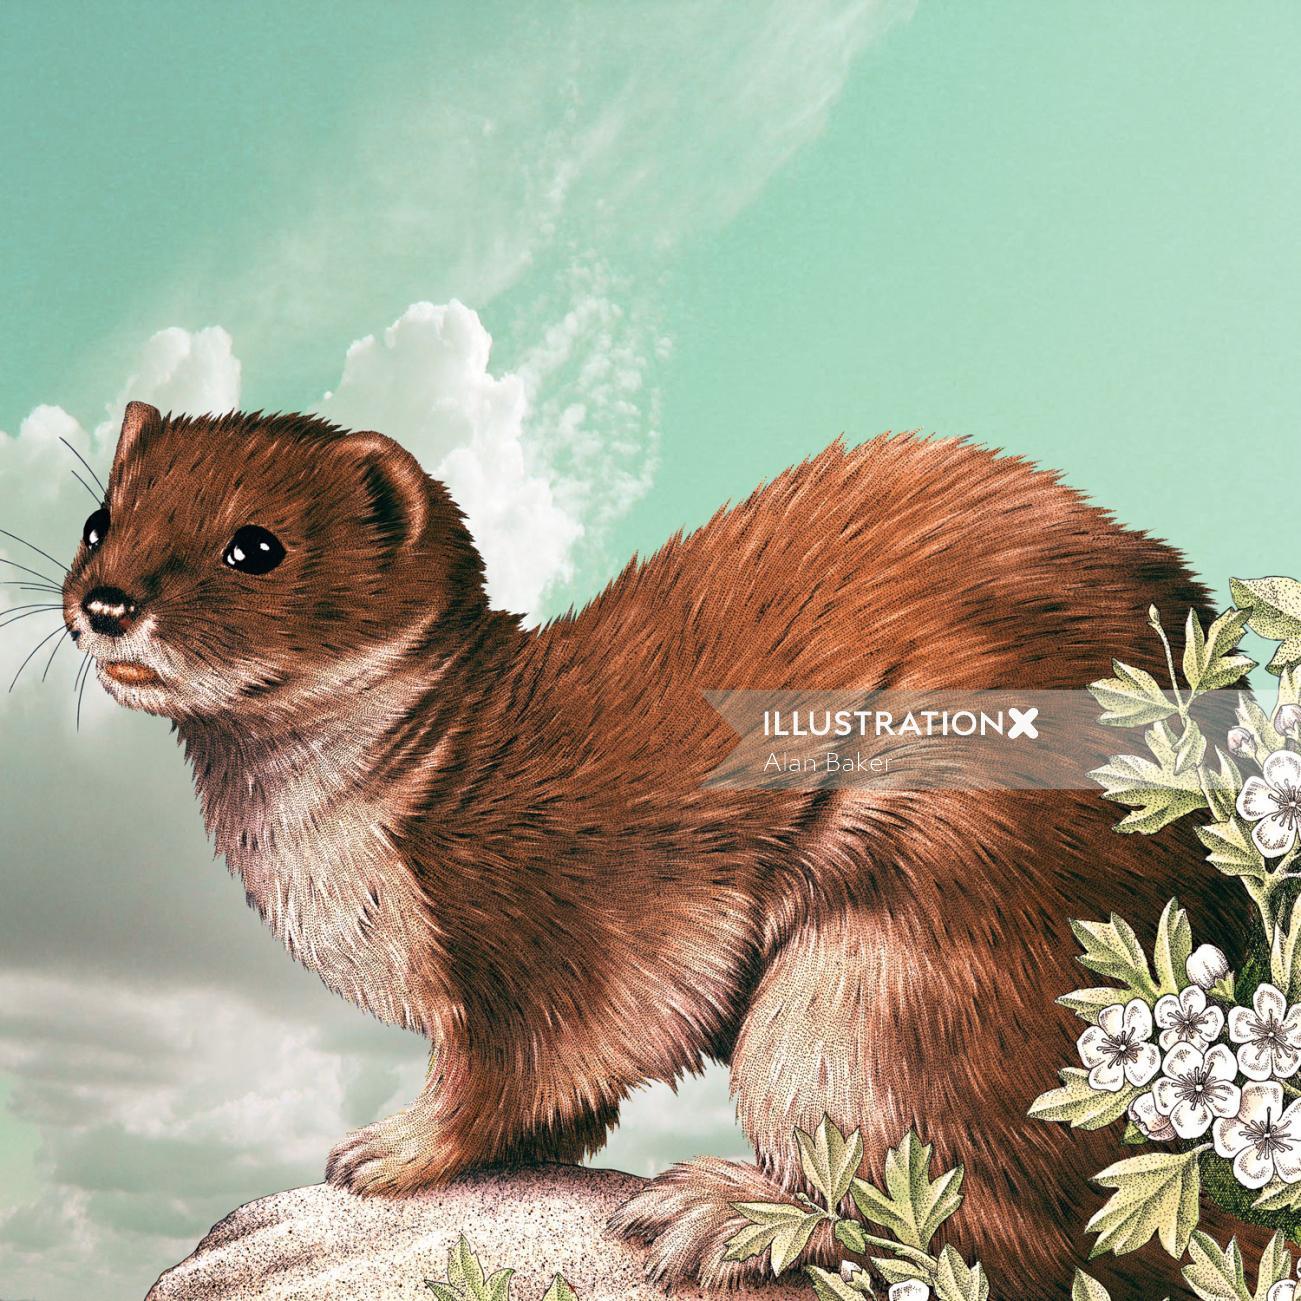 Stoat animal illustration by Alan Baker